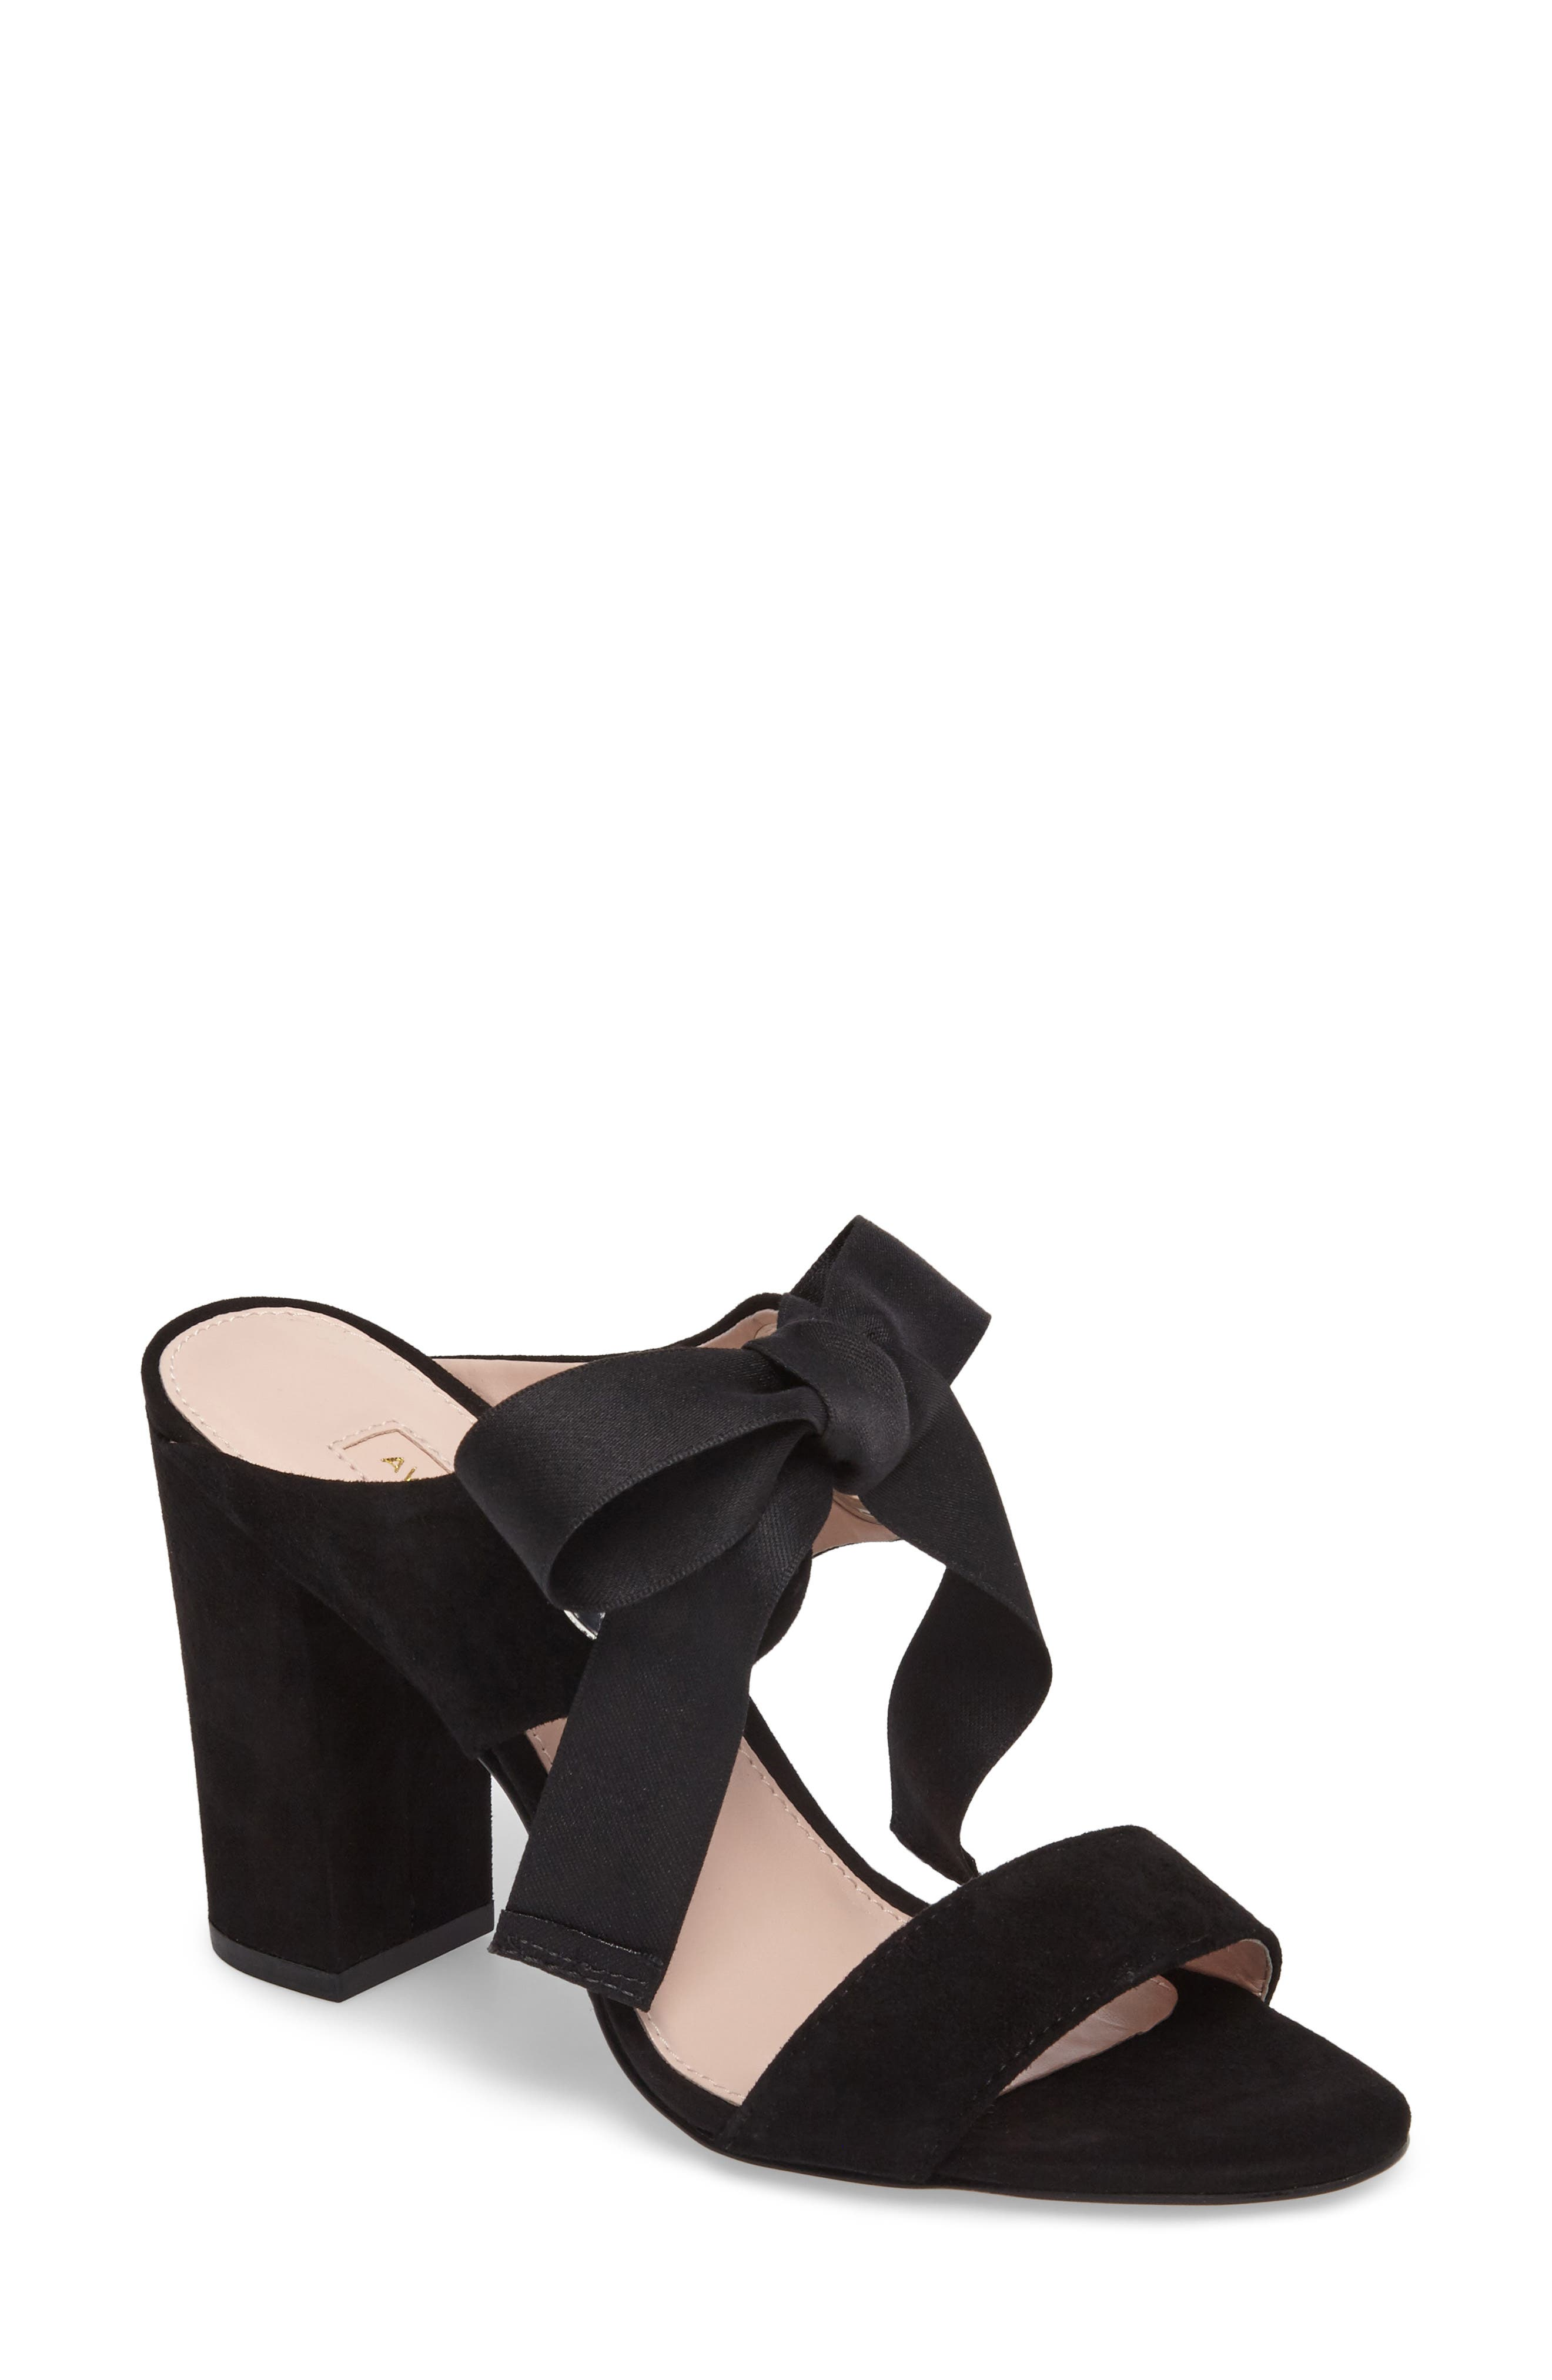 Megan Tie Strap Sandal,                             Main thumbnail 1, color,                             Black Suede